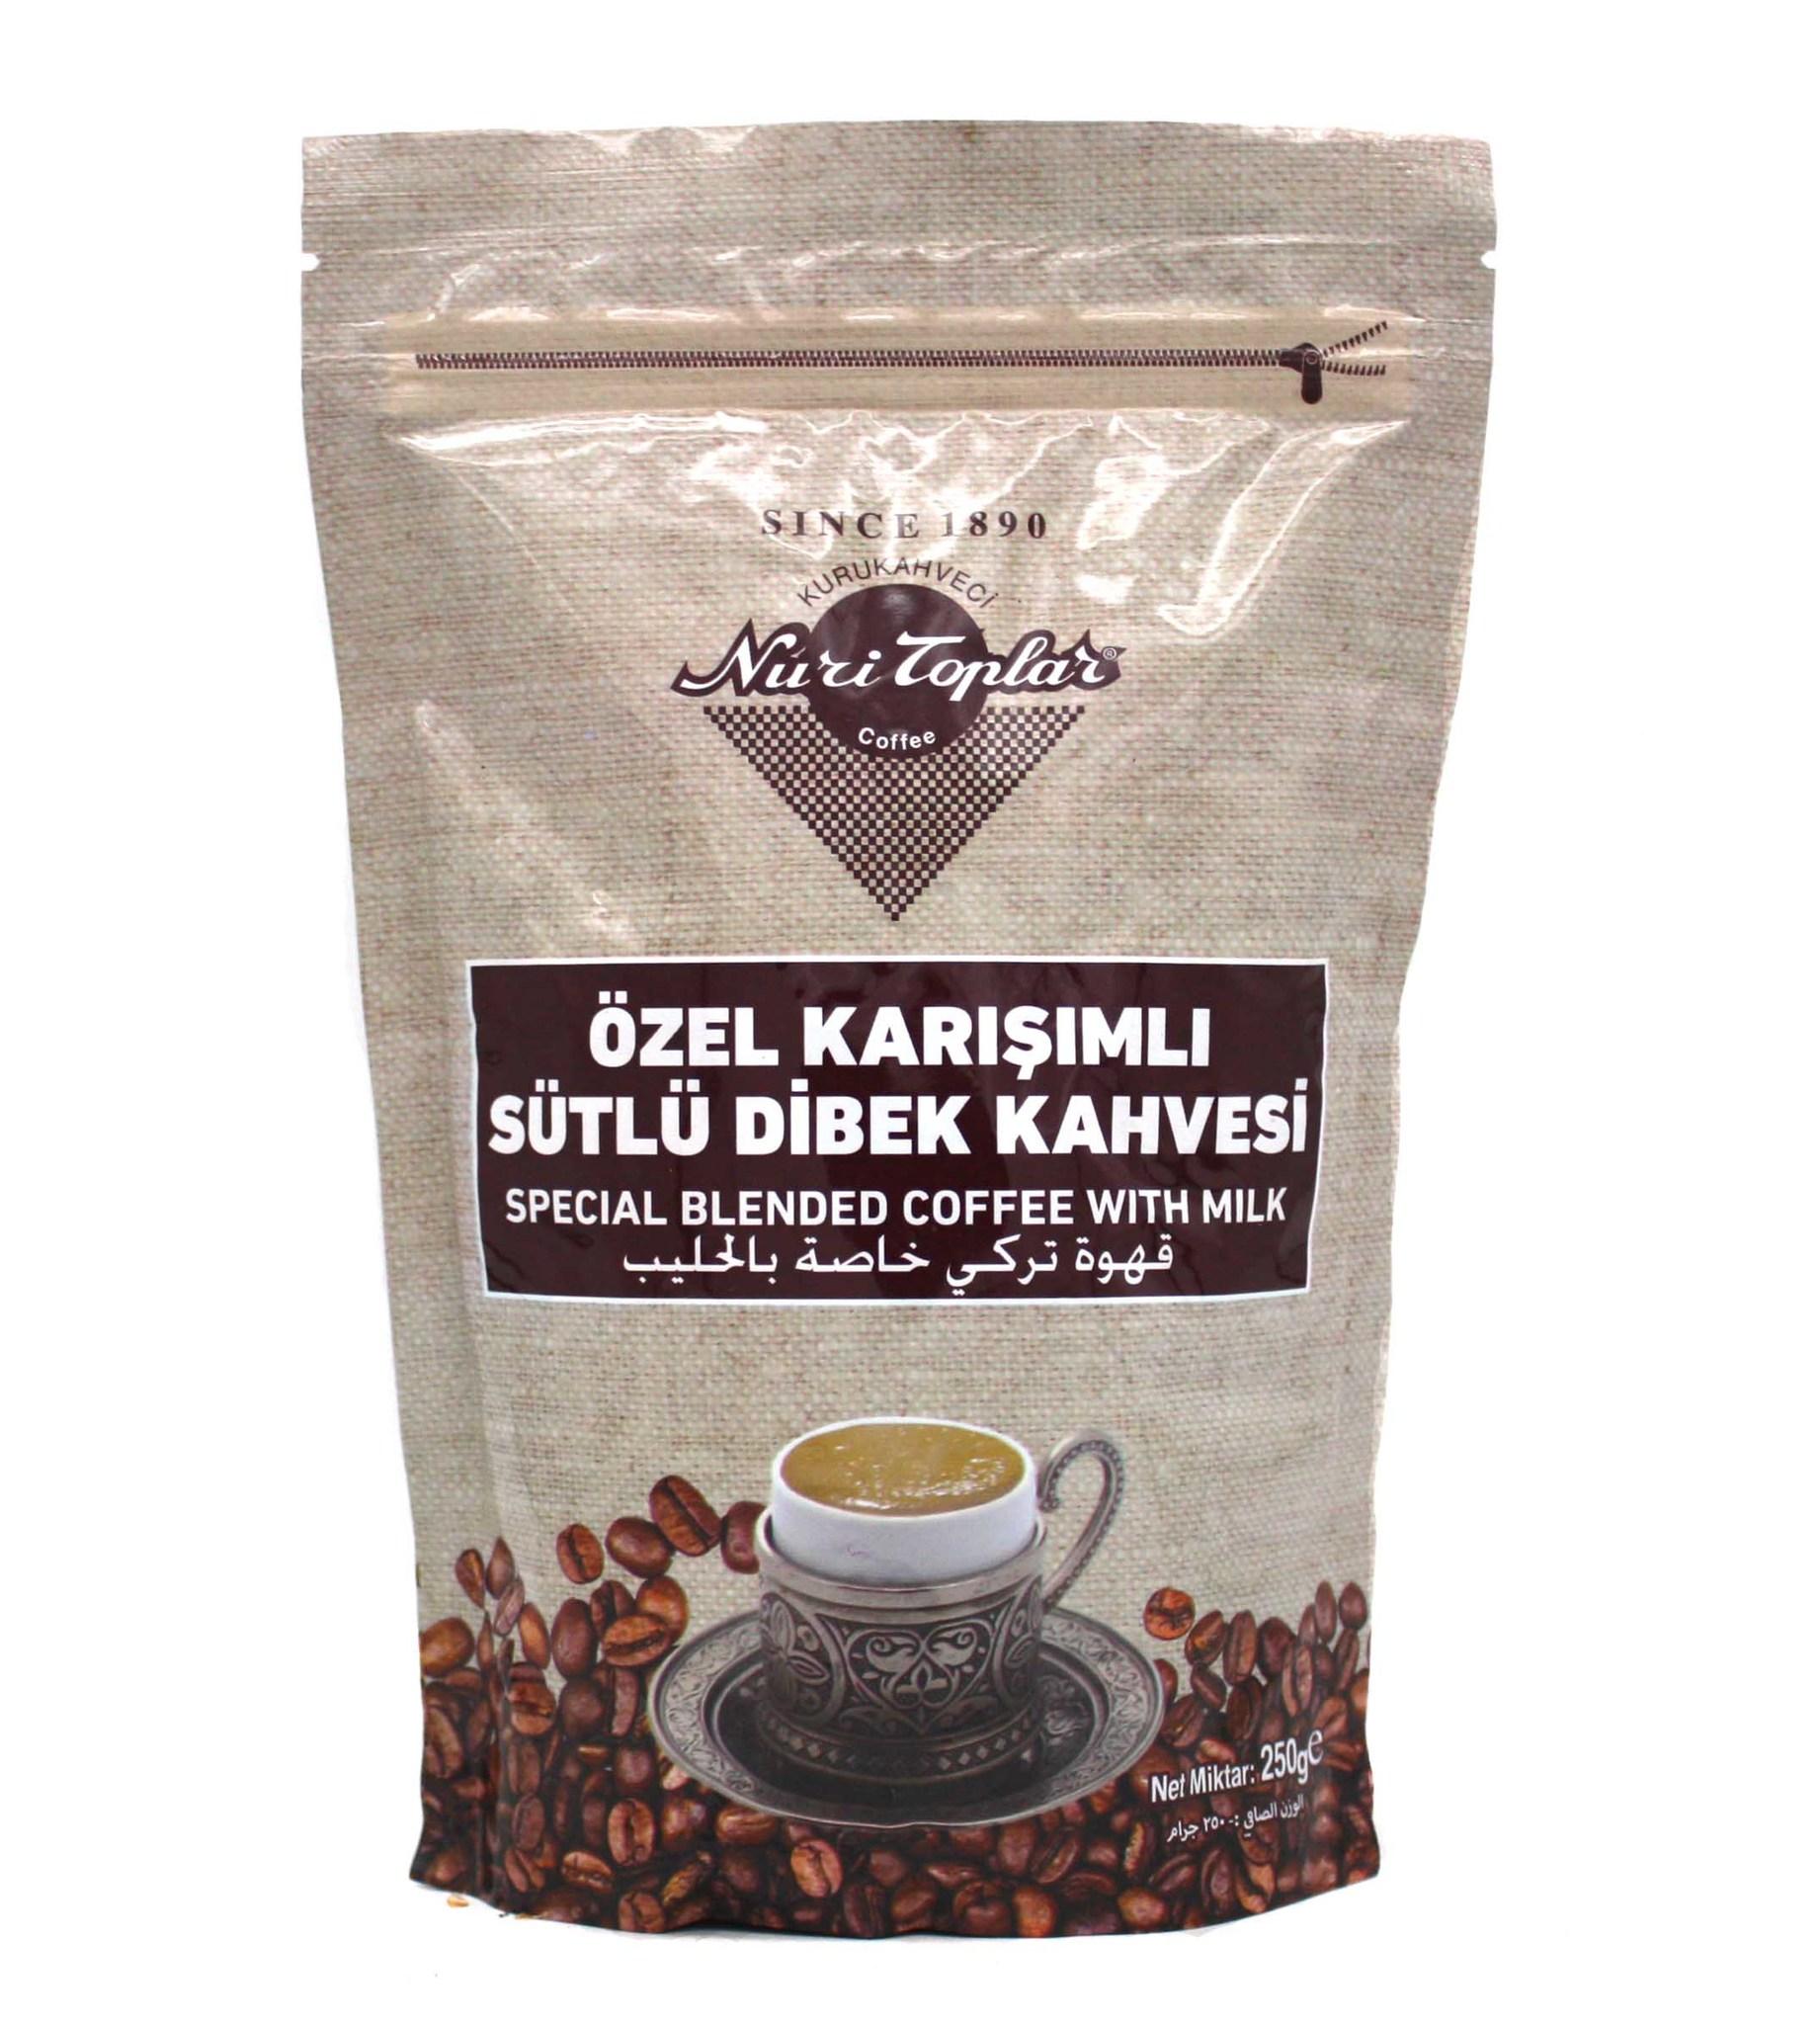 Кофейный напиток Турецкий кофе молотый с молоком, Nuri Toplar, 250 г import_files_2b_2b9b029af71c11eaa9d3484d7ecee297_a99c234af96d11eaa9d4484d7ecee297.jpg